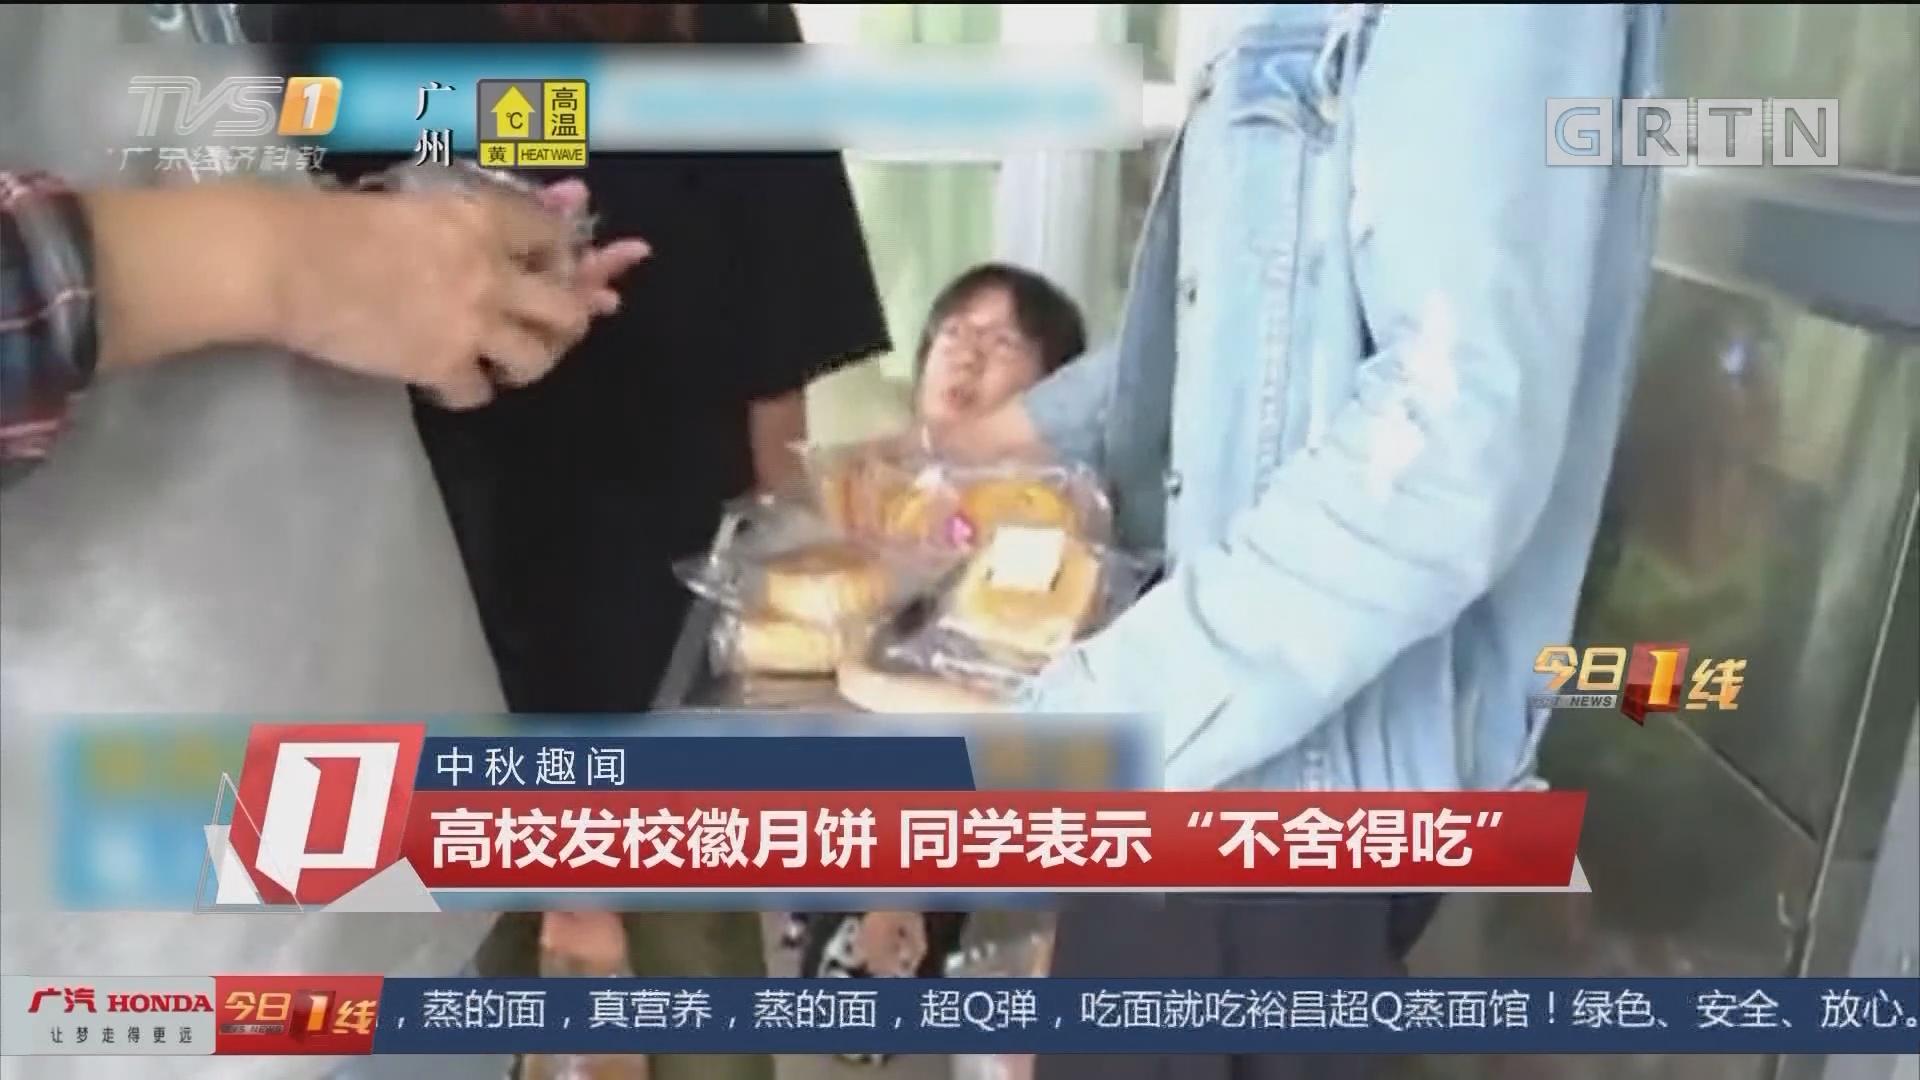 """中秋趣闻:高校发校徽月饼 同学表示""""不舍得吃"""""""